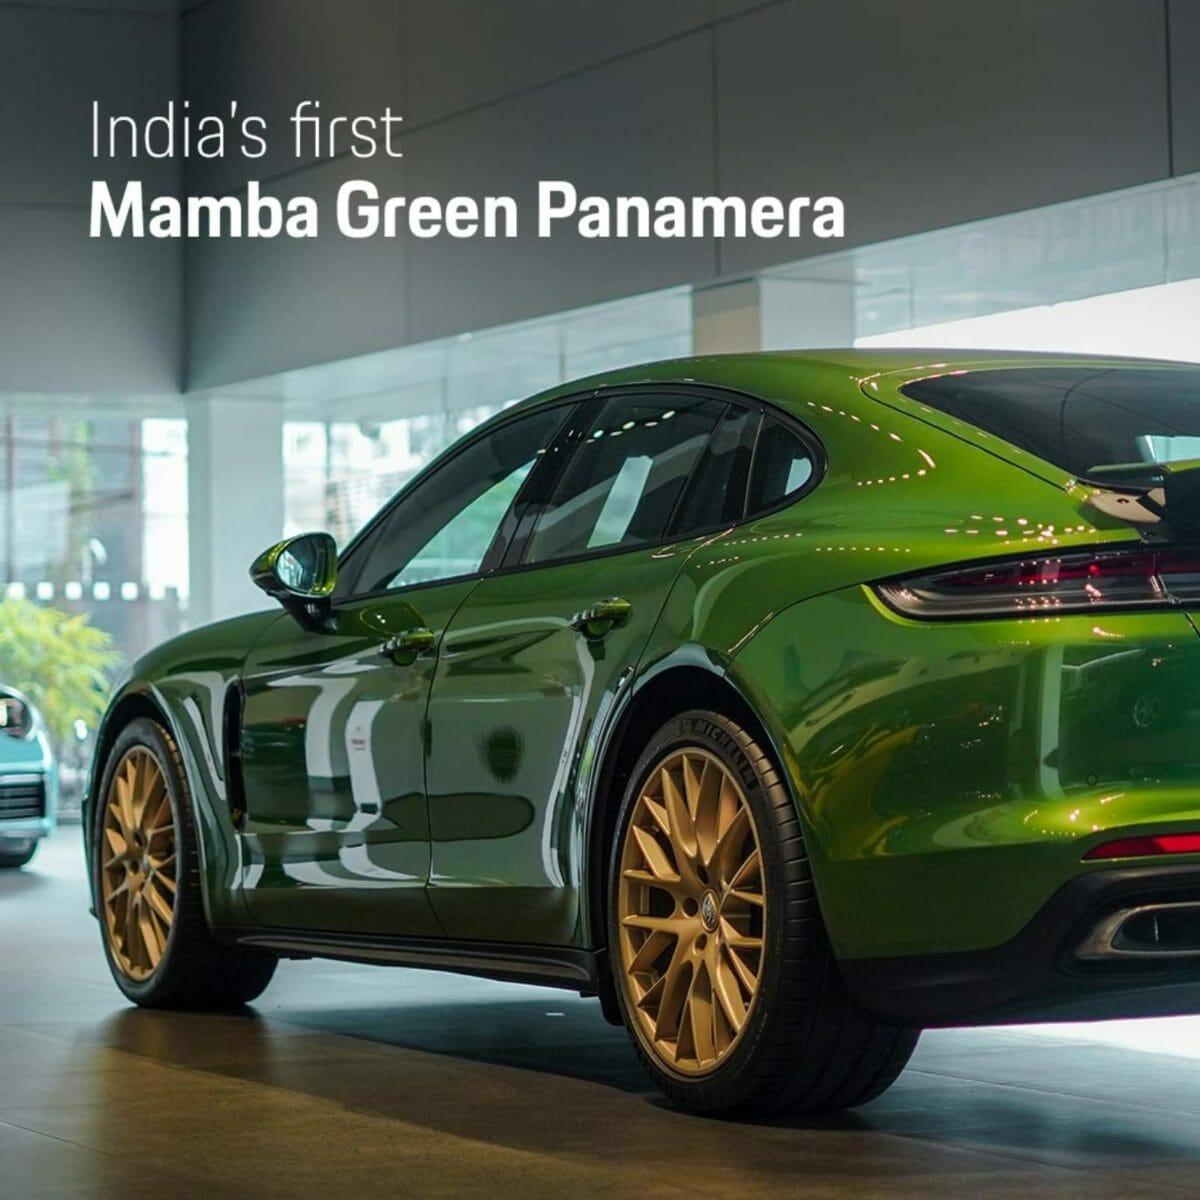 Mamba Green Panamera (1)